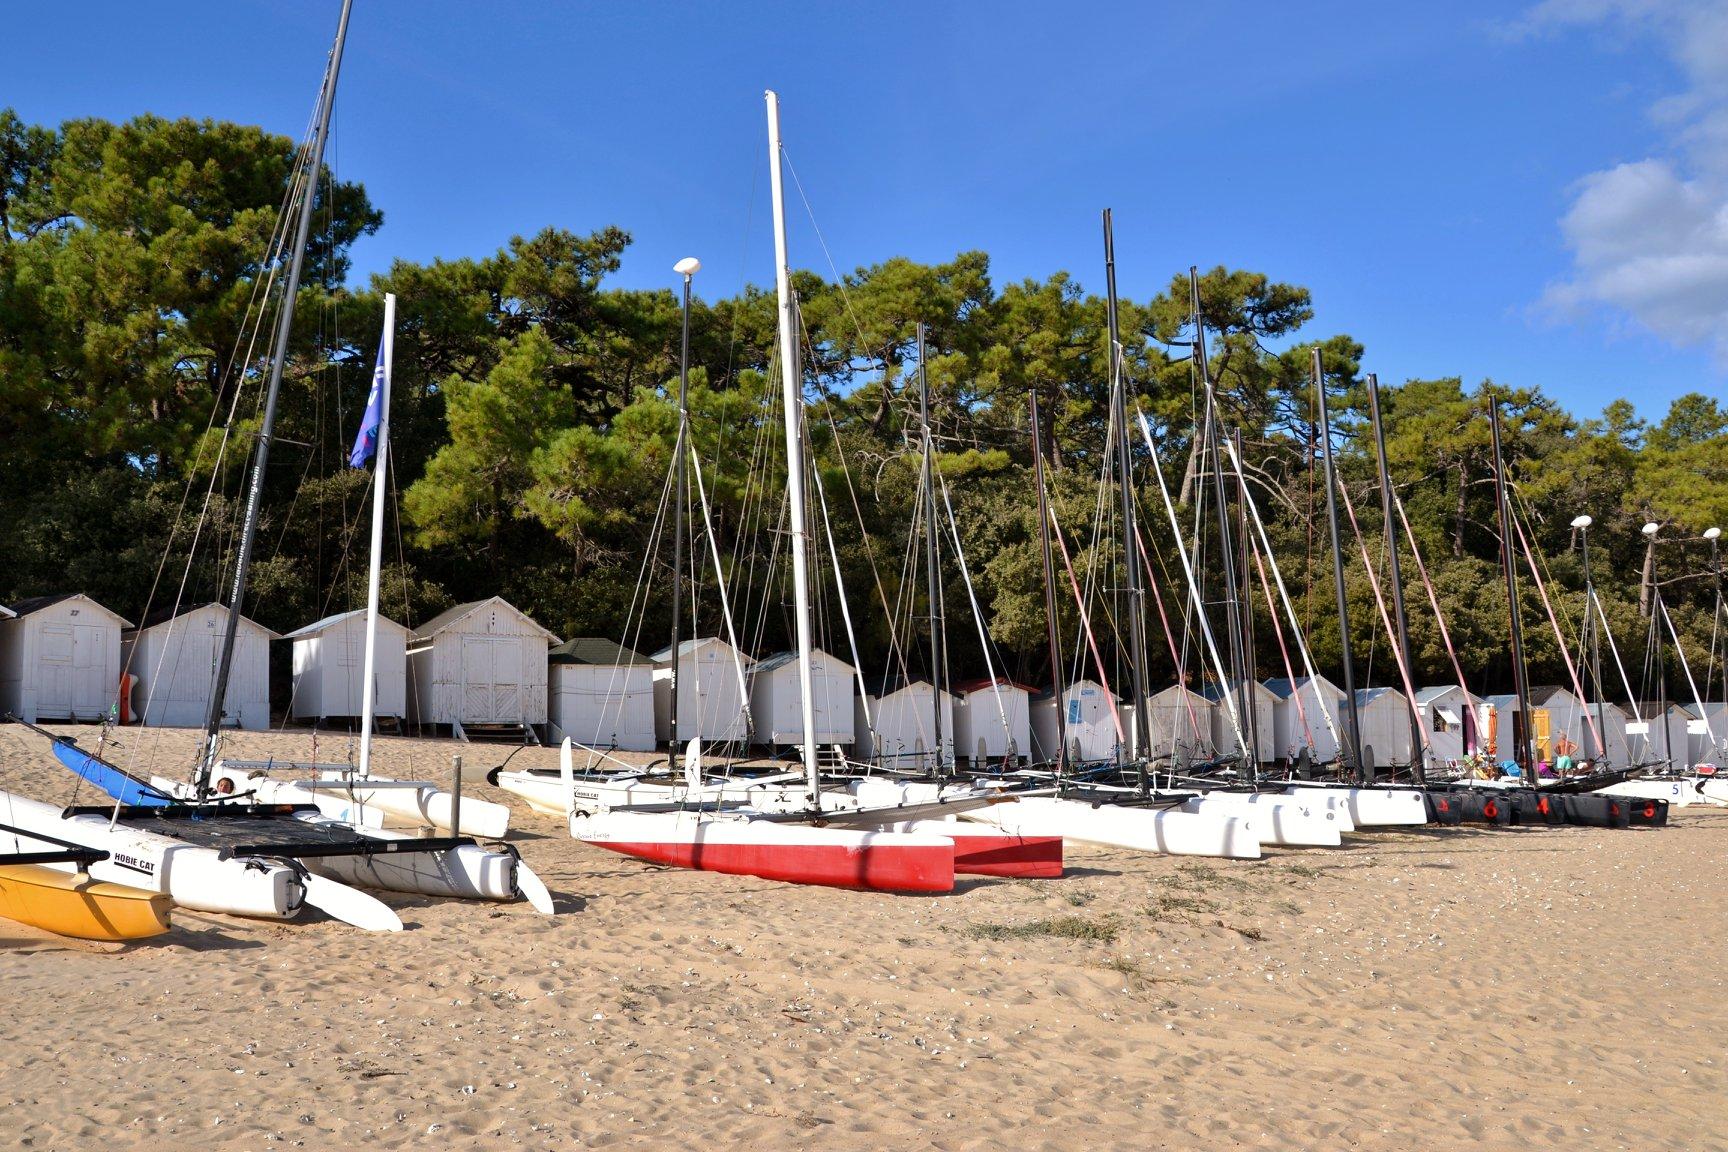 strandhuisjes op het strand in Frankrijk